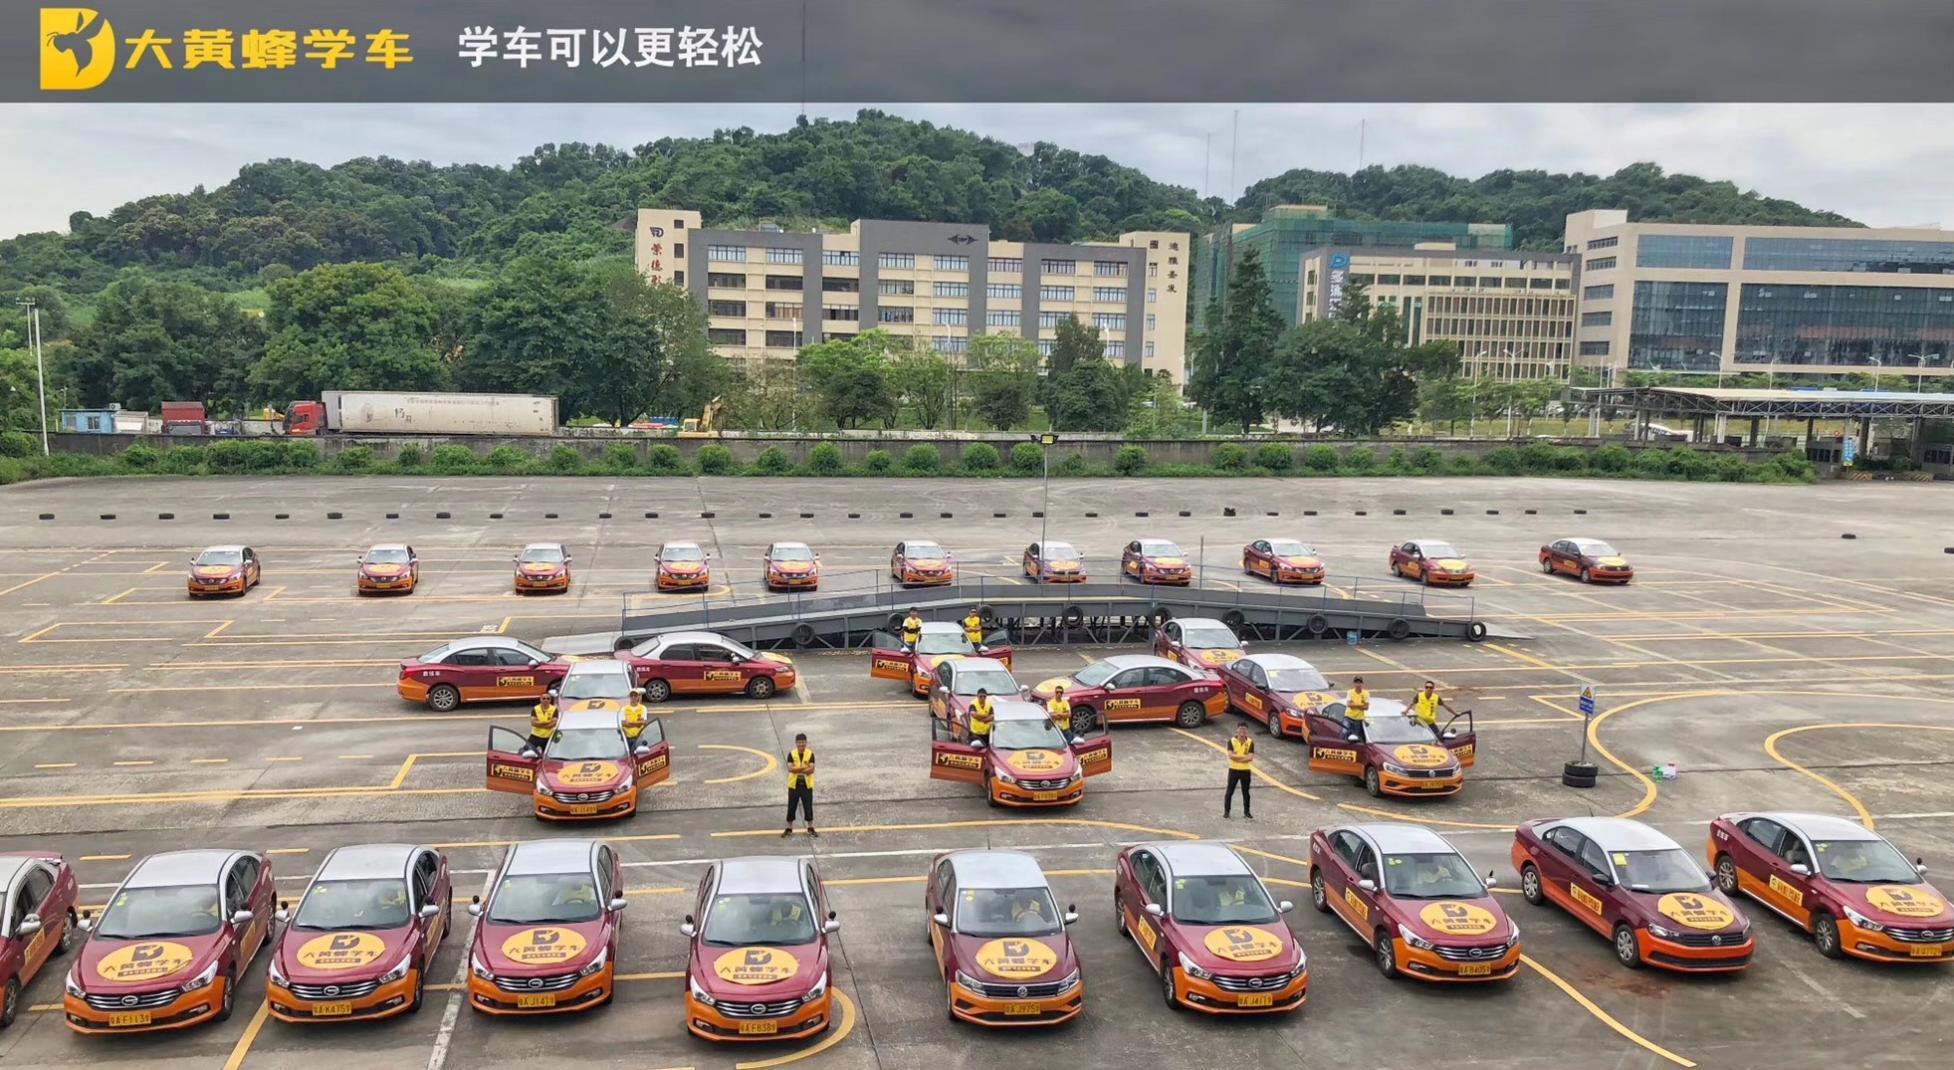 深圳大黄蜂驾校